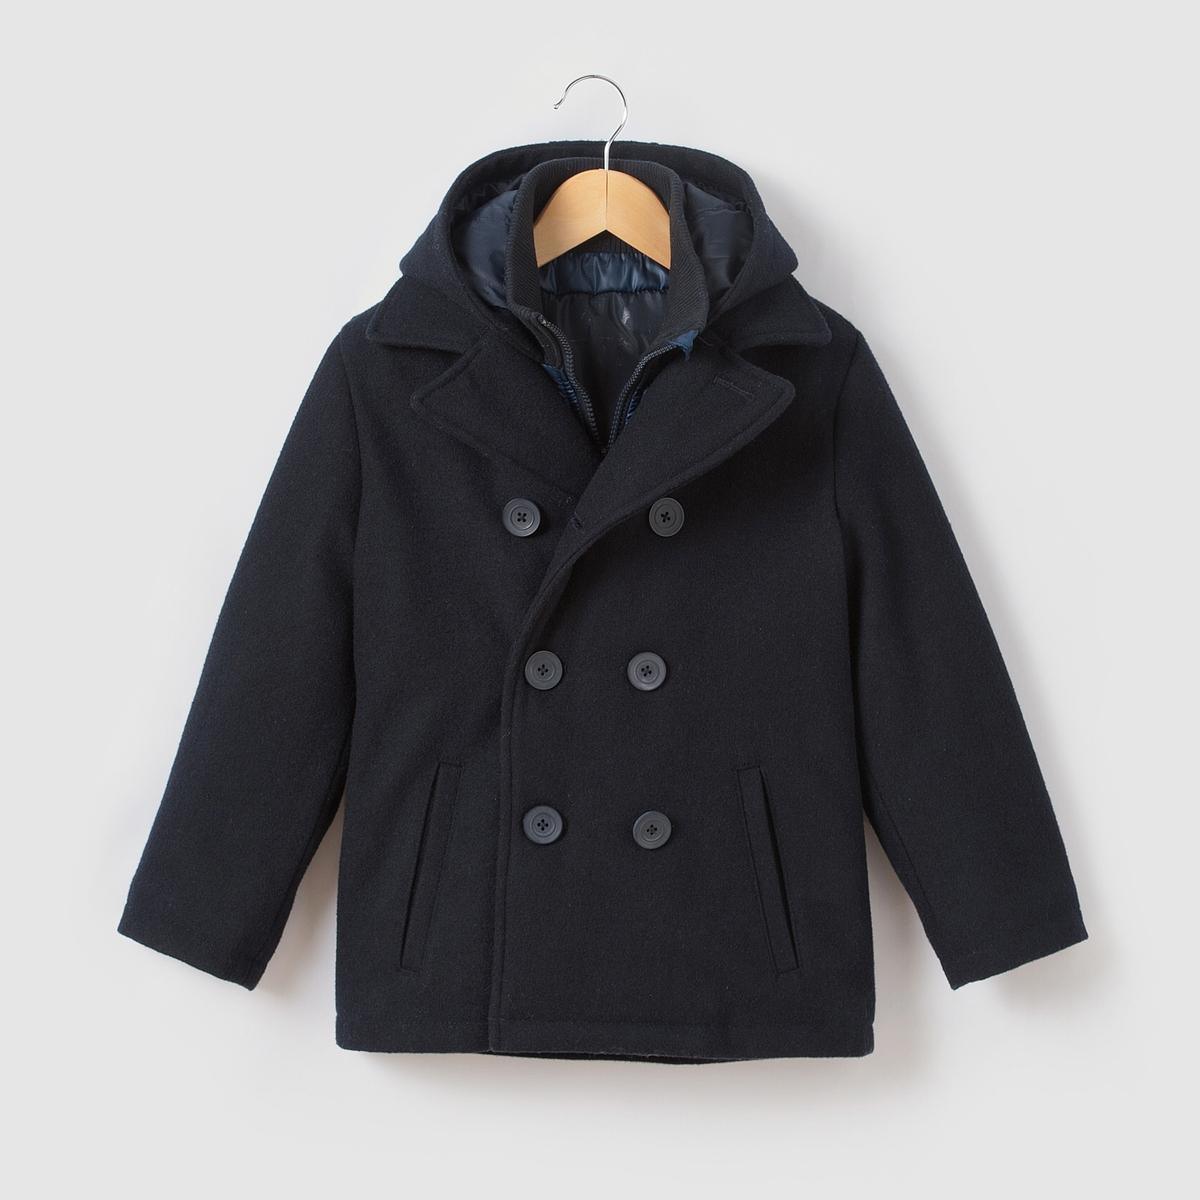 Бушлат из шерстяного драпа, 3-12 лет пальто зимнее из шерстяного драпа